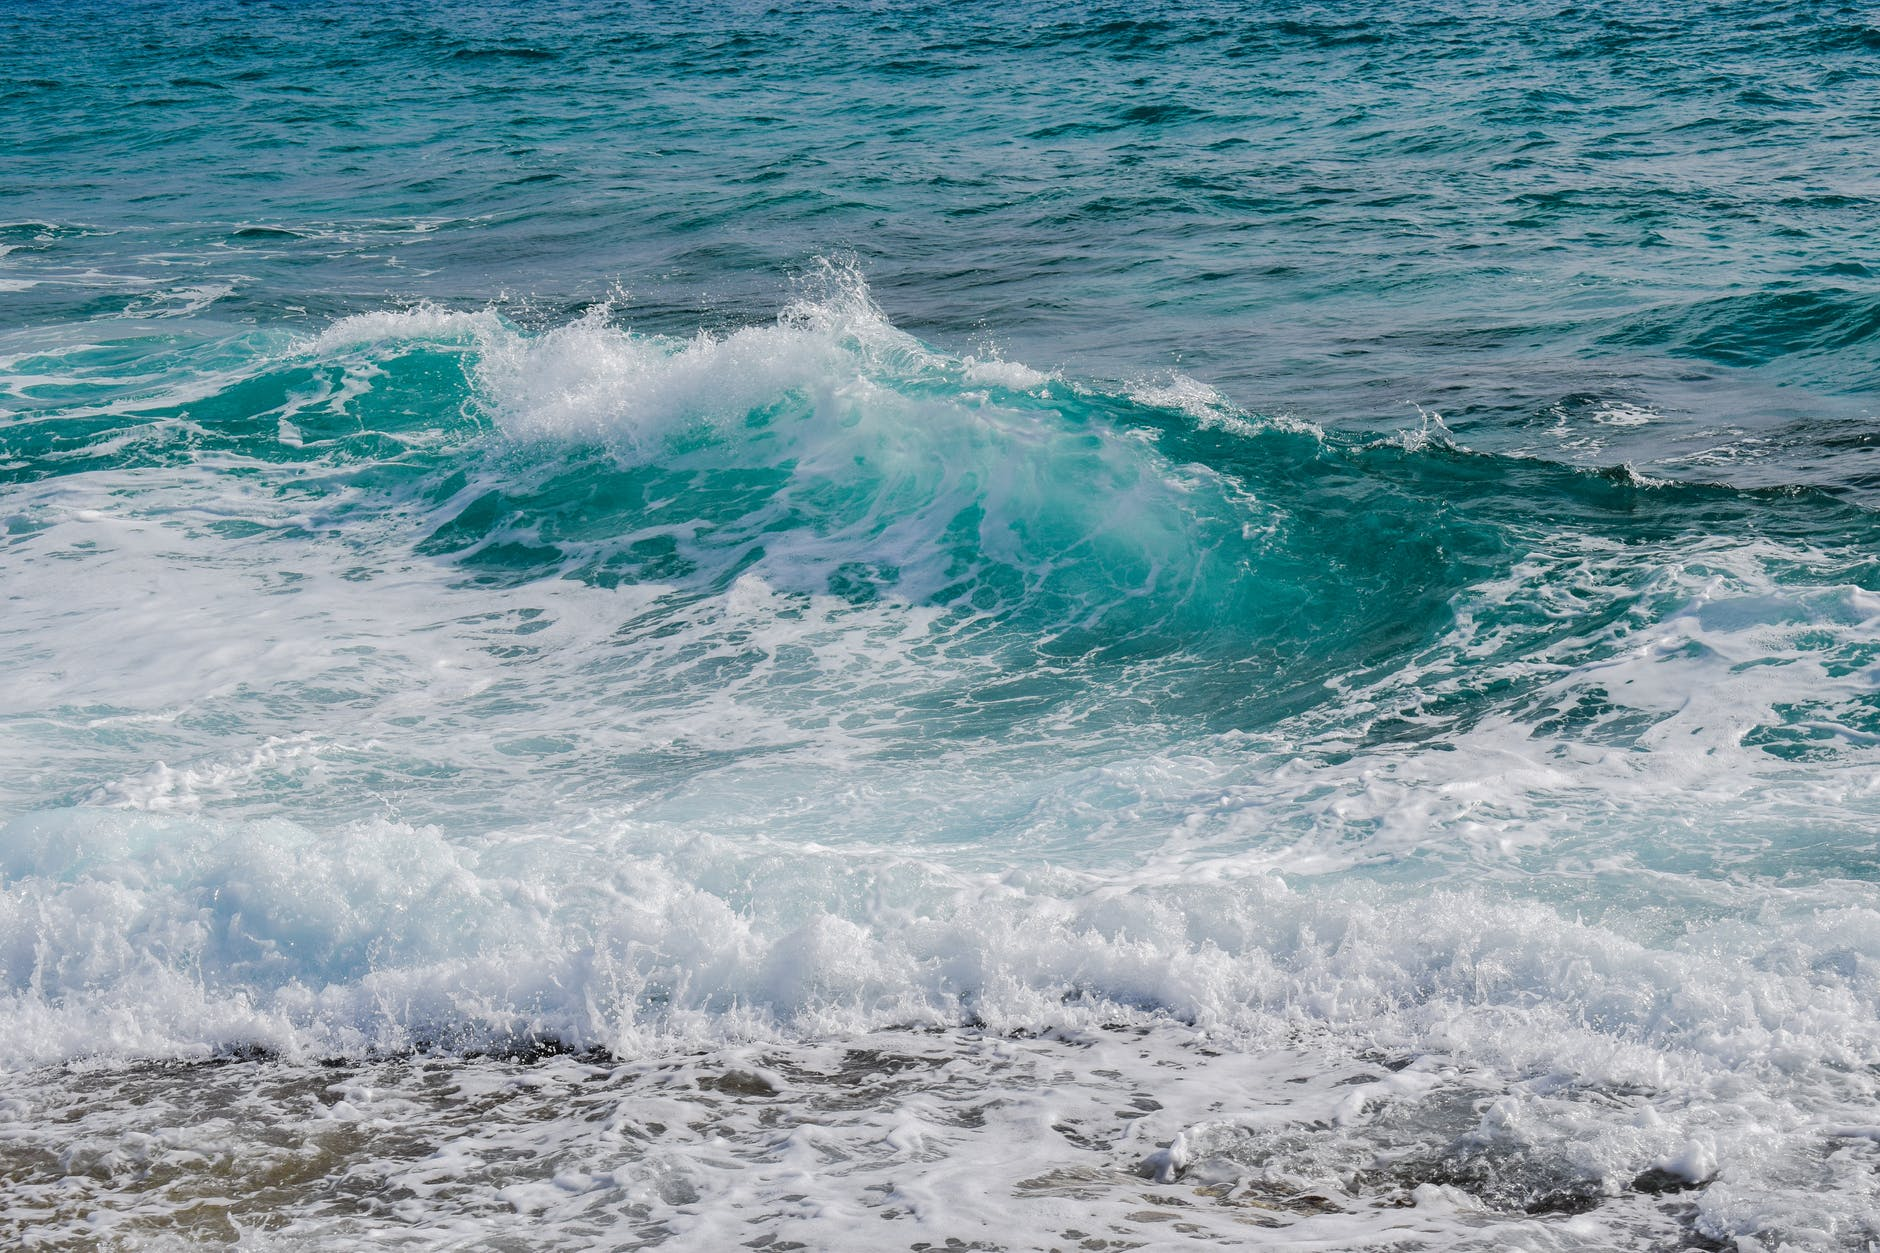 beach foam motion ocean